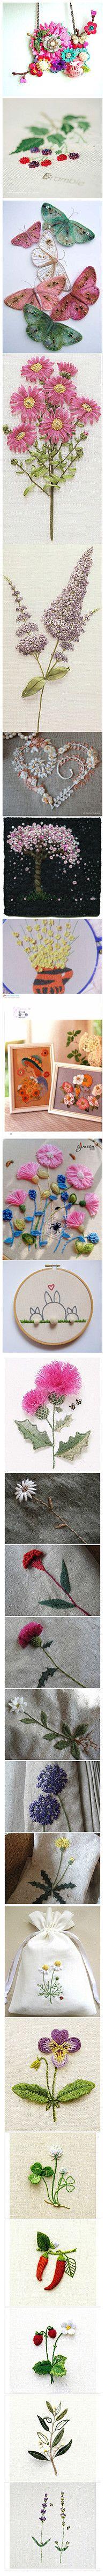 embroidered flowers @Af's 18/3/13